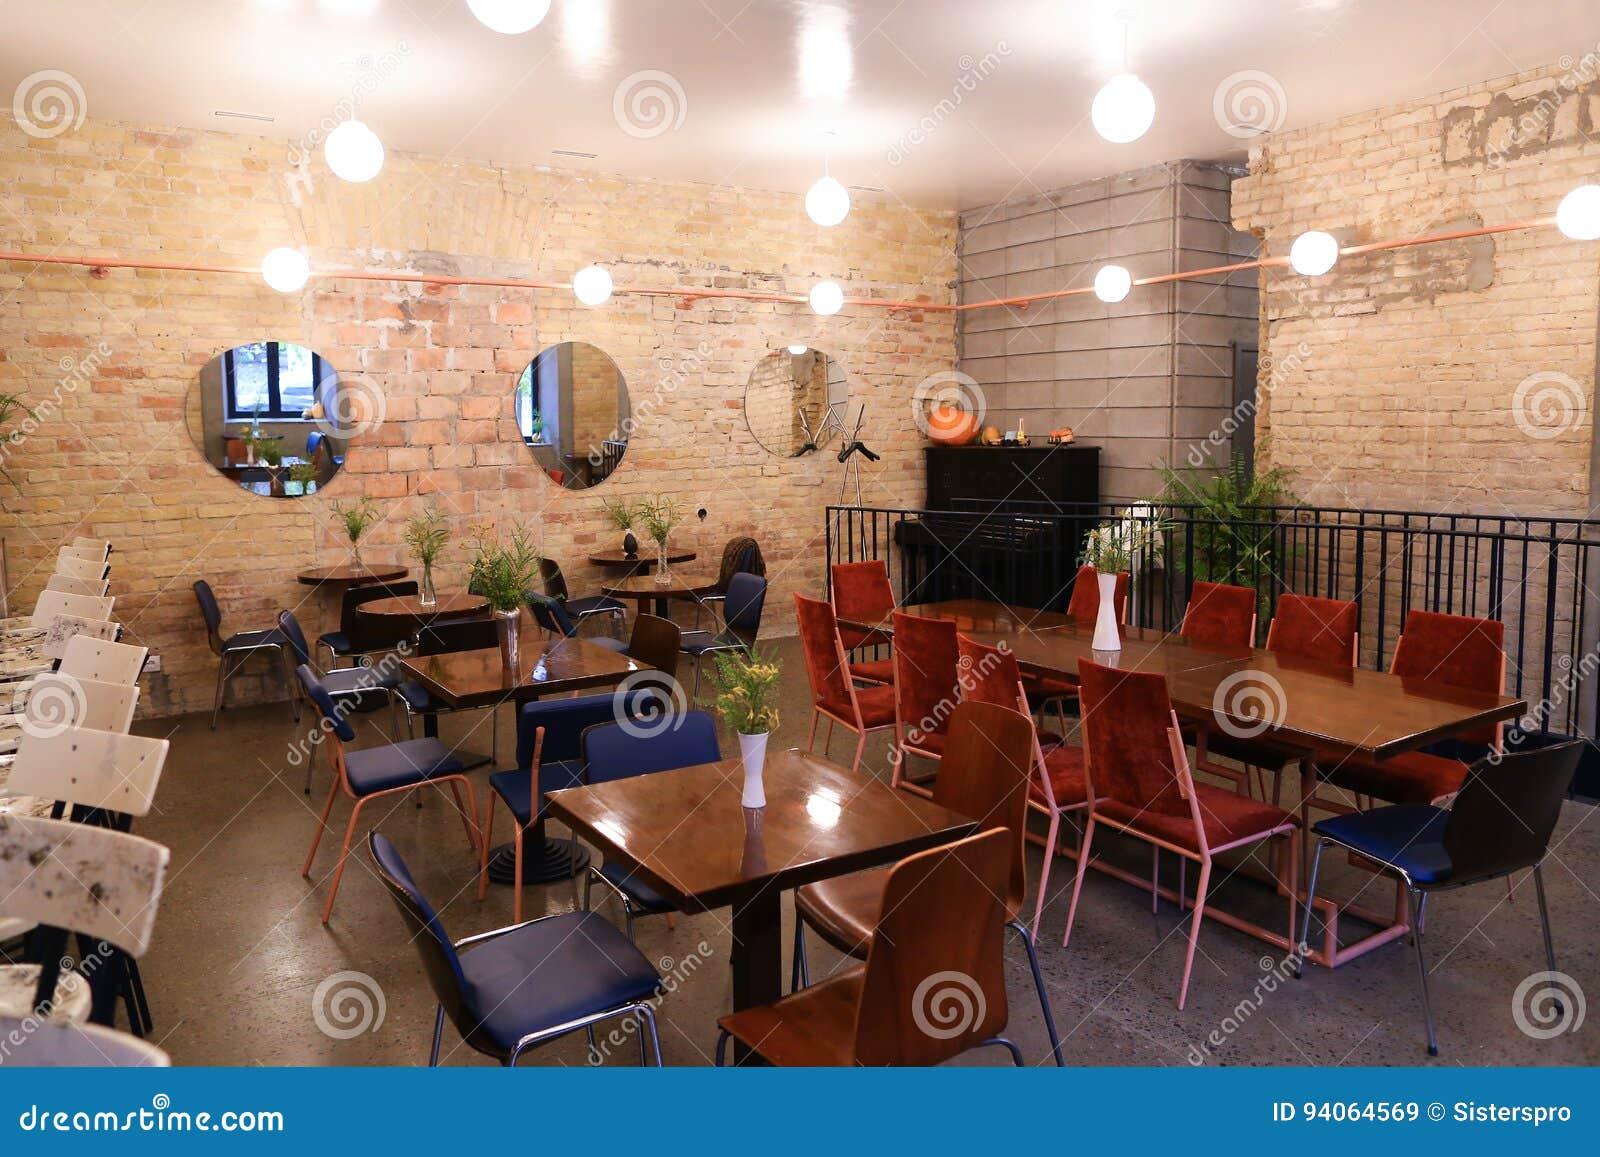 Nehmen Sie Modisches Café Oder Restaurant Der Designideen Weil Bar ...